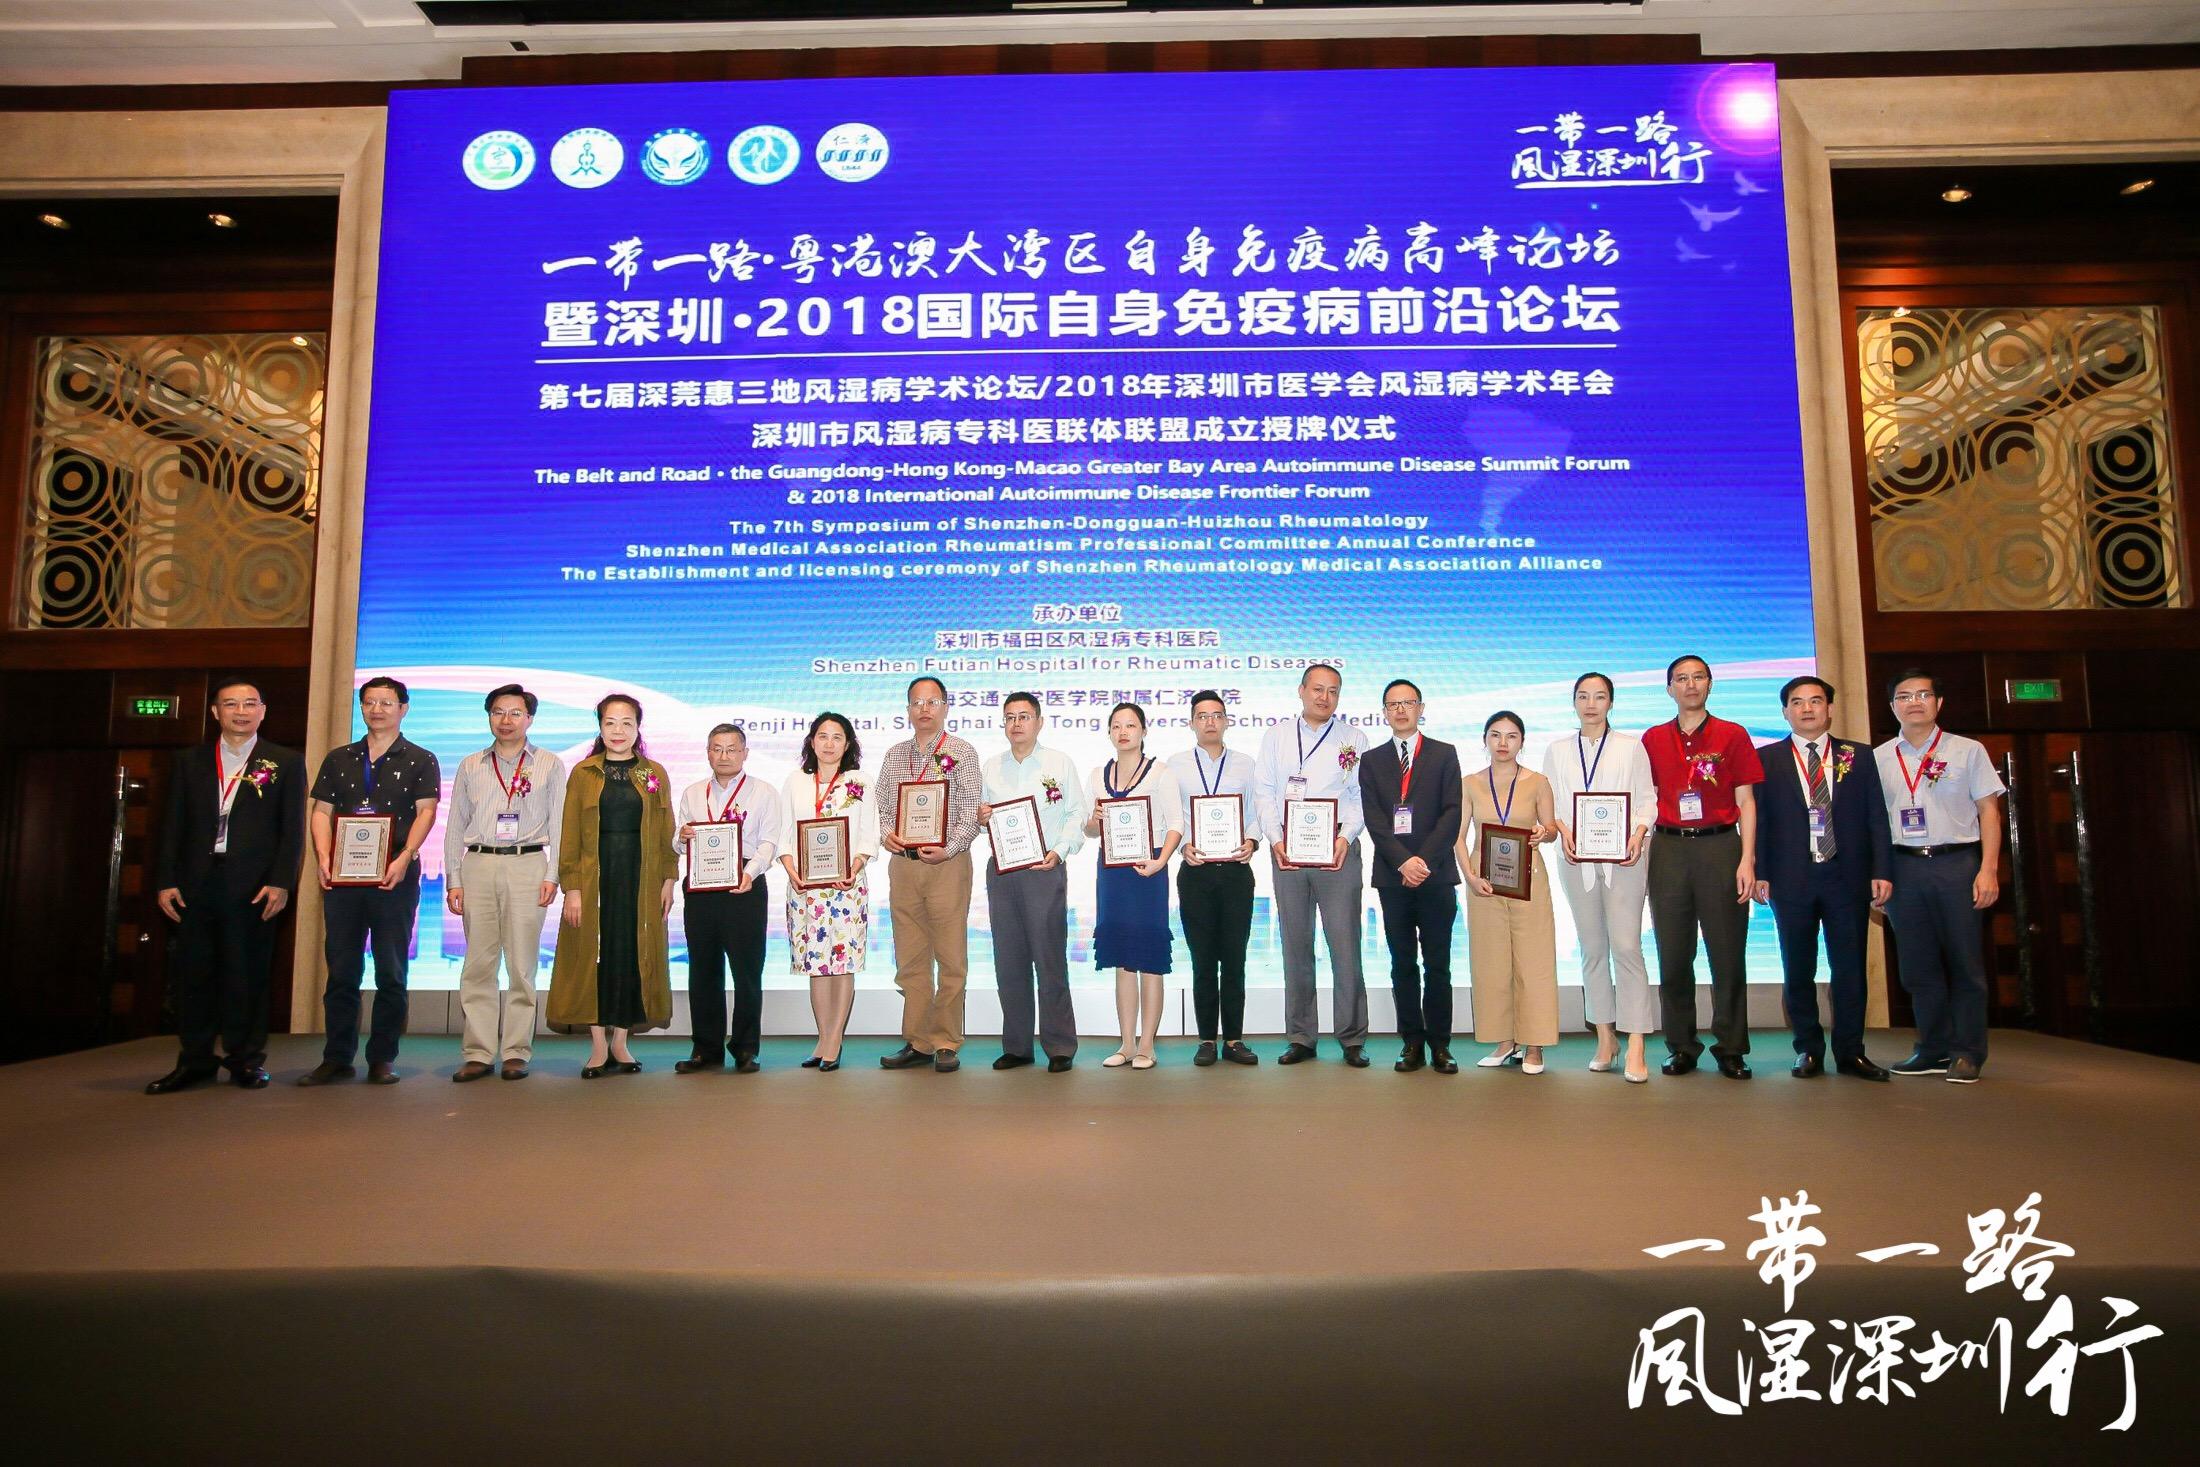 深圳市风湿病专科医联体联盟正式成立